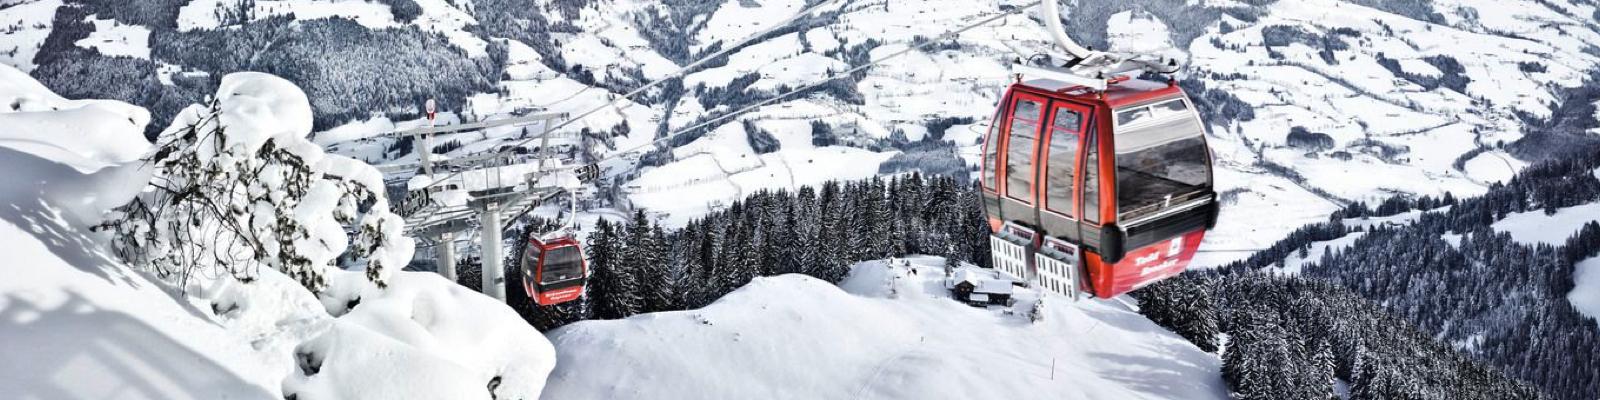 Uge 7: Kitzbühel med Hotelbus (4 skidage)